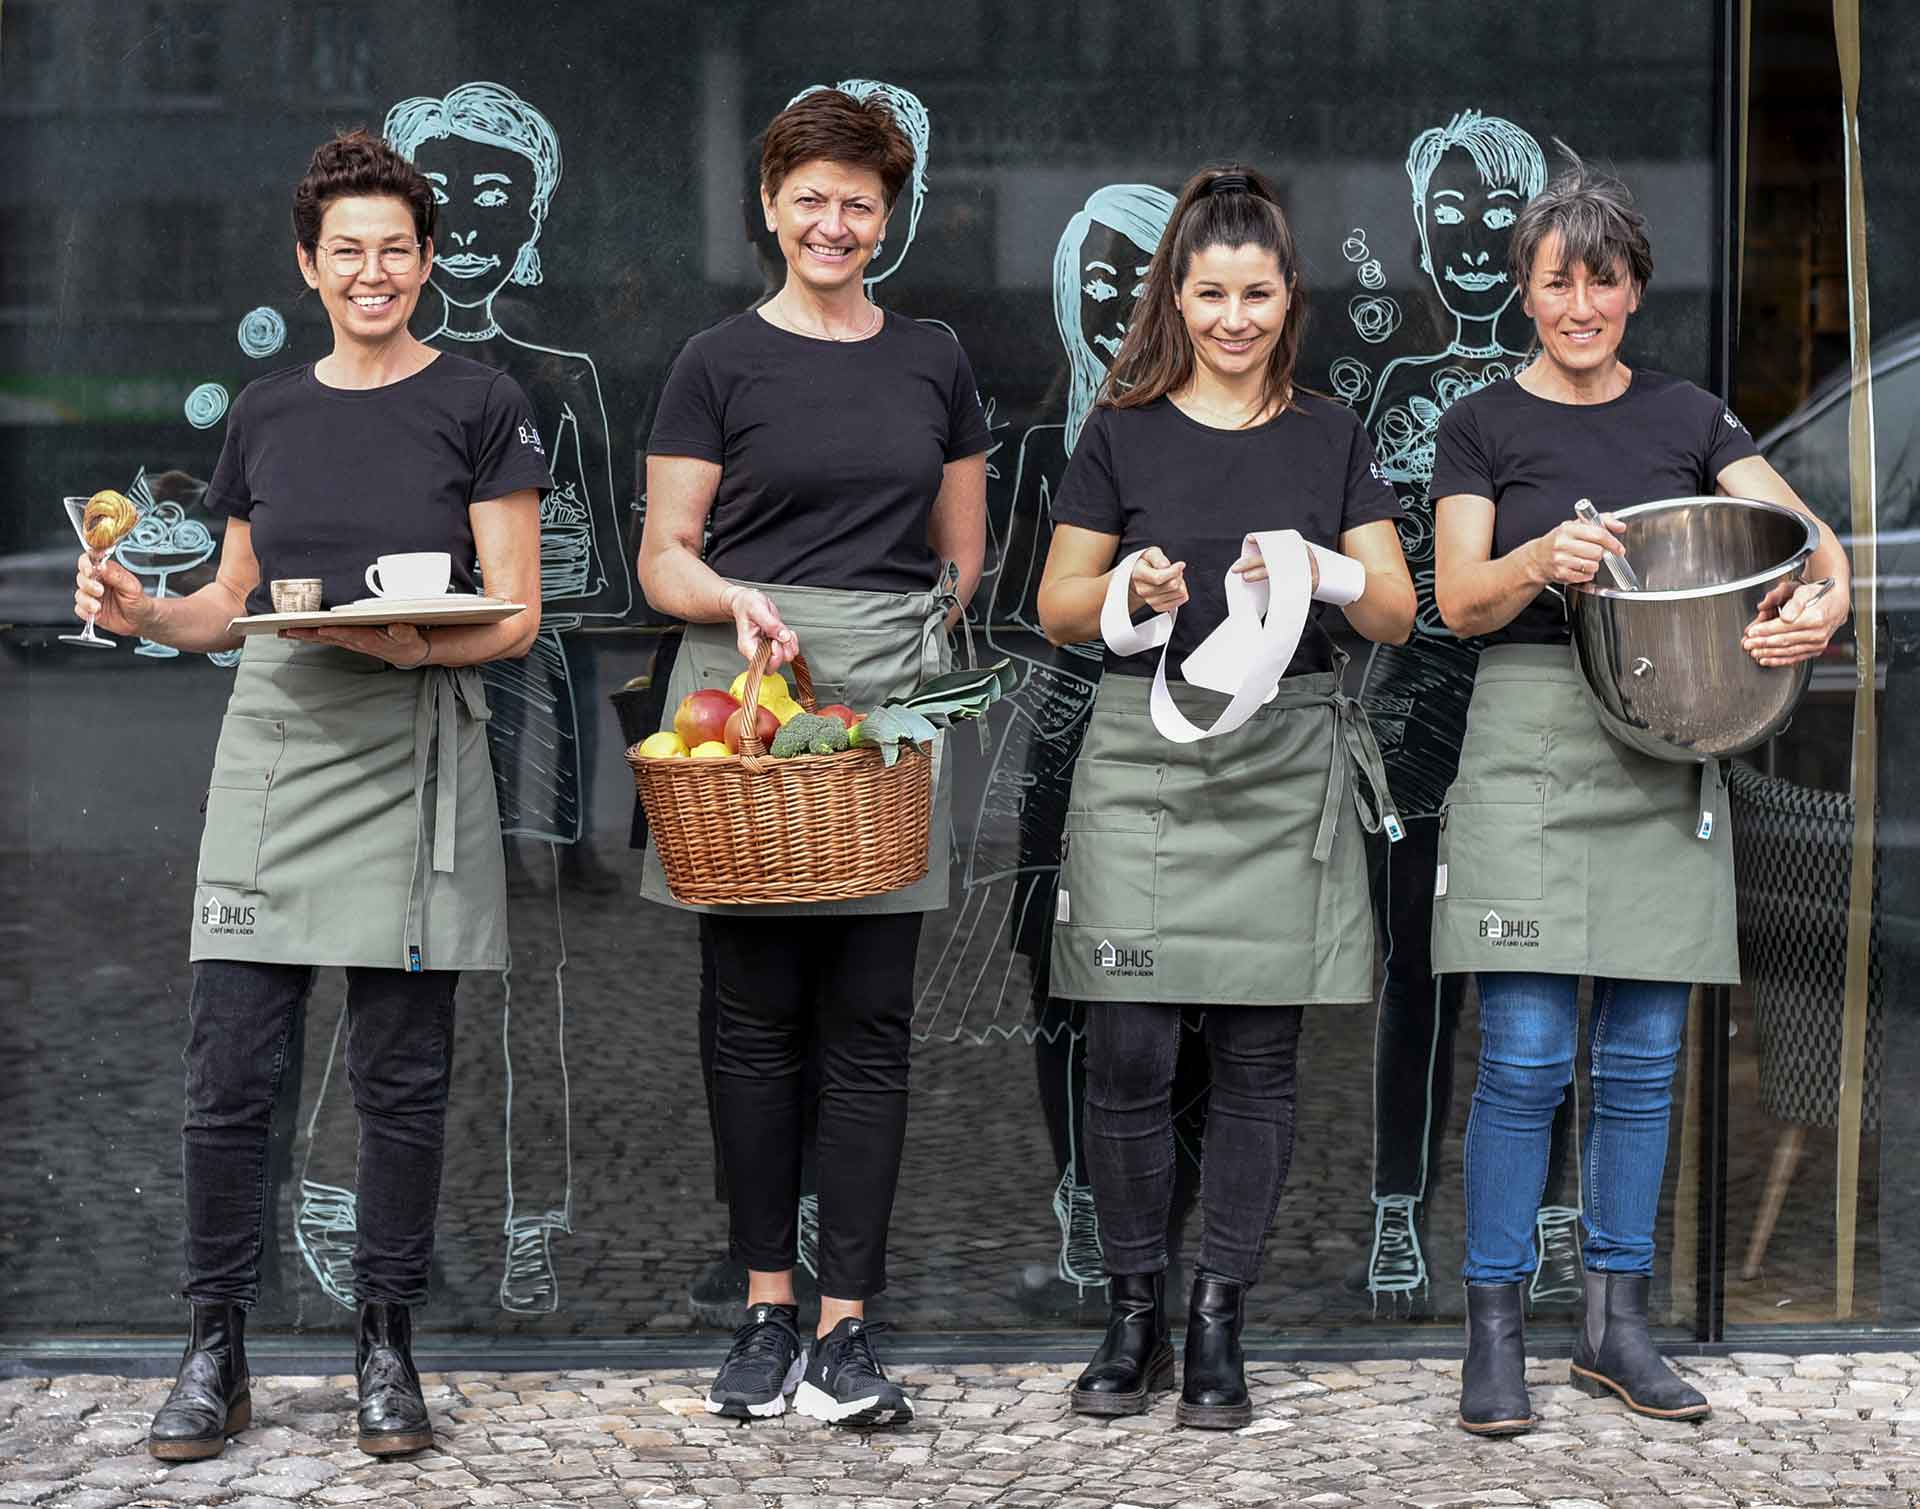 Wir freuen uns über euren Besuch! Manuela, Martina, Sarah und Paula